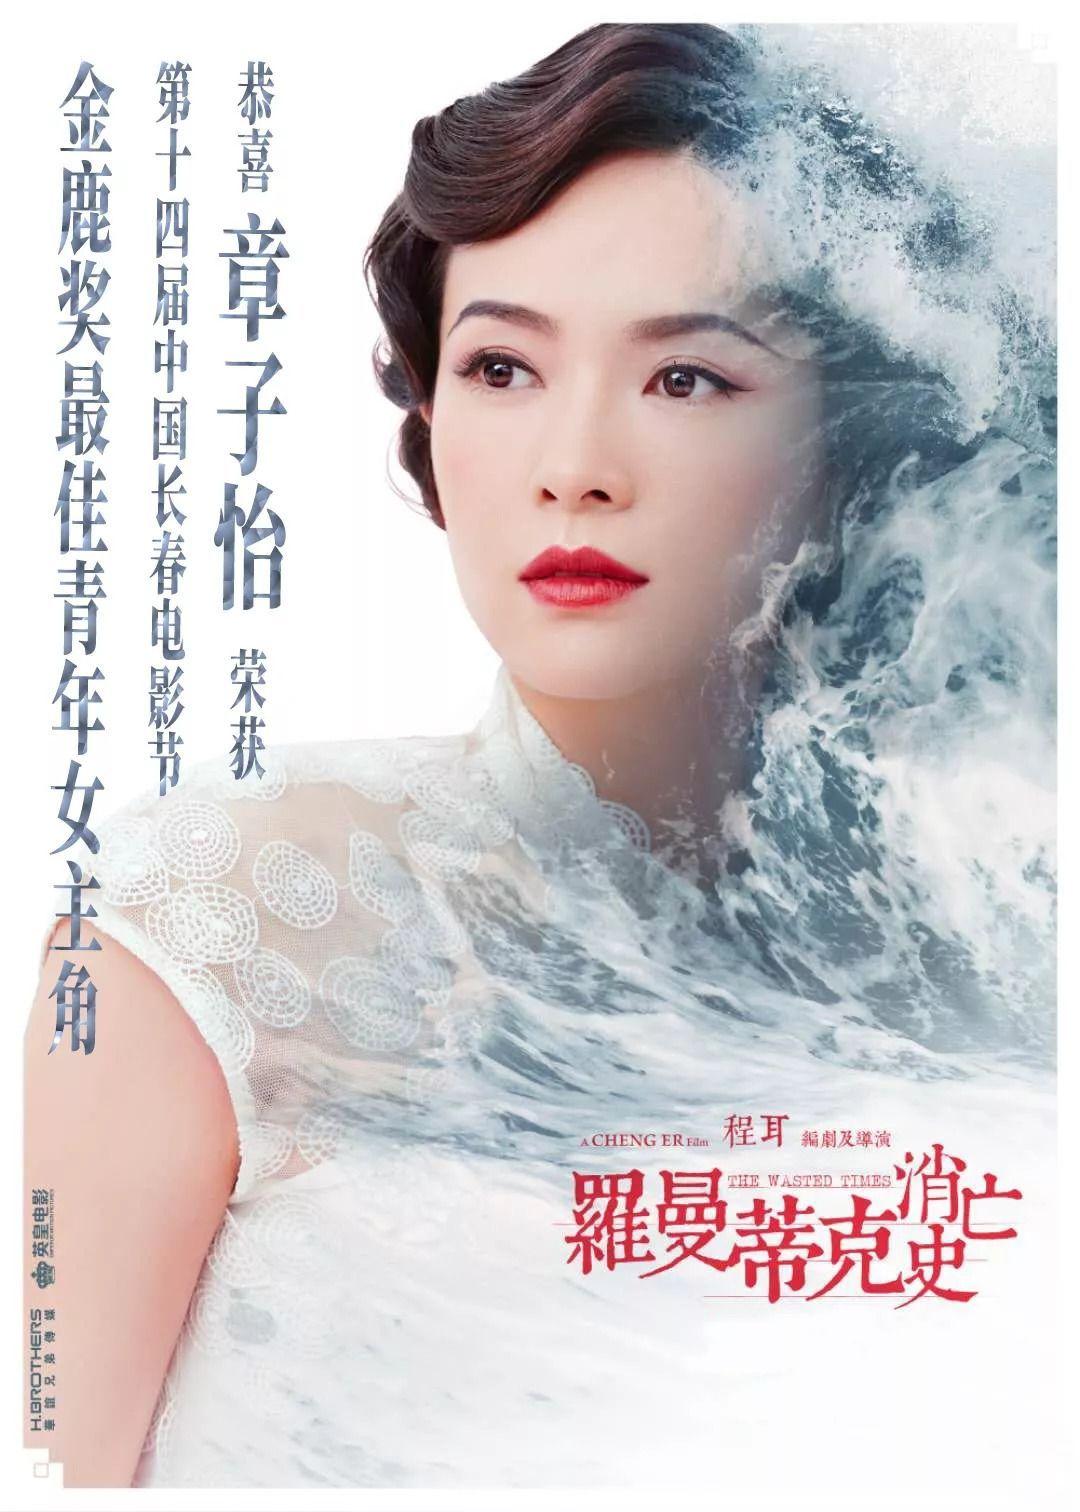 谊周影事 章子怡凭《罗曼蒂克消亡史》获长春电影节最佳青年女主角